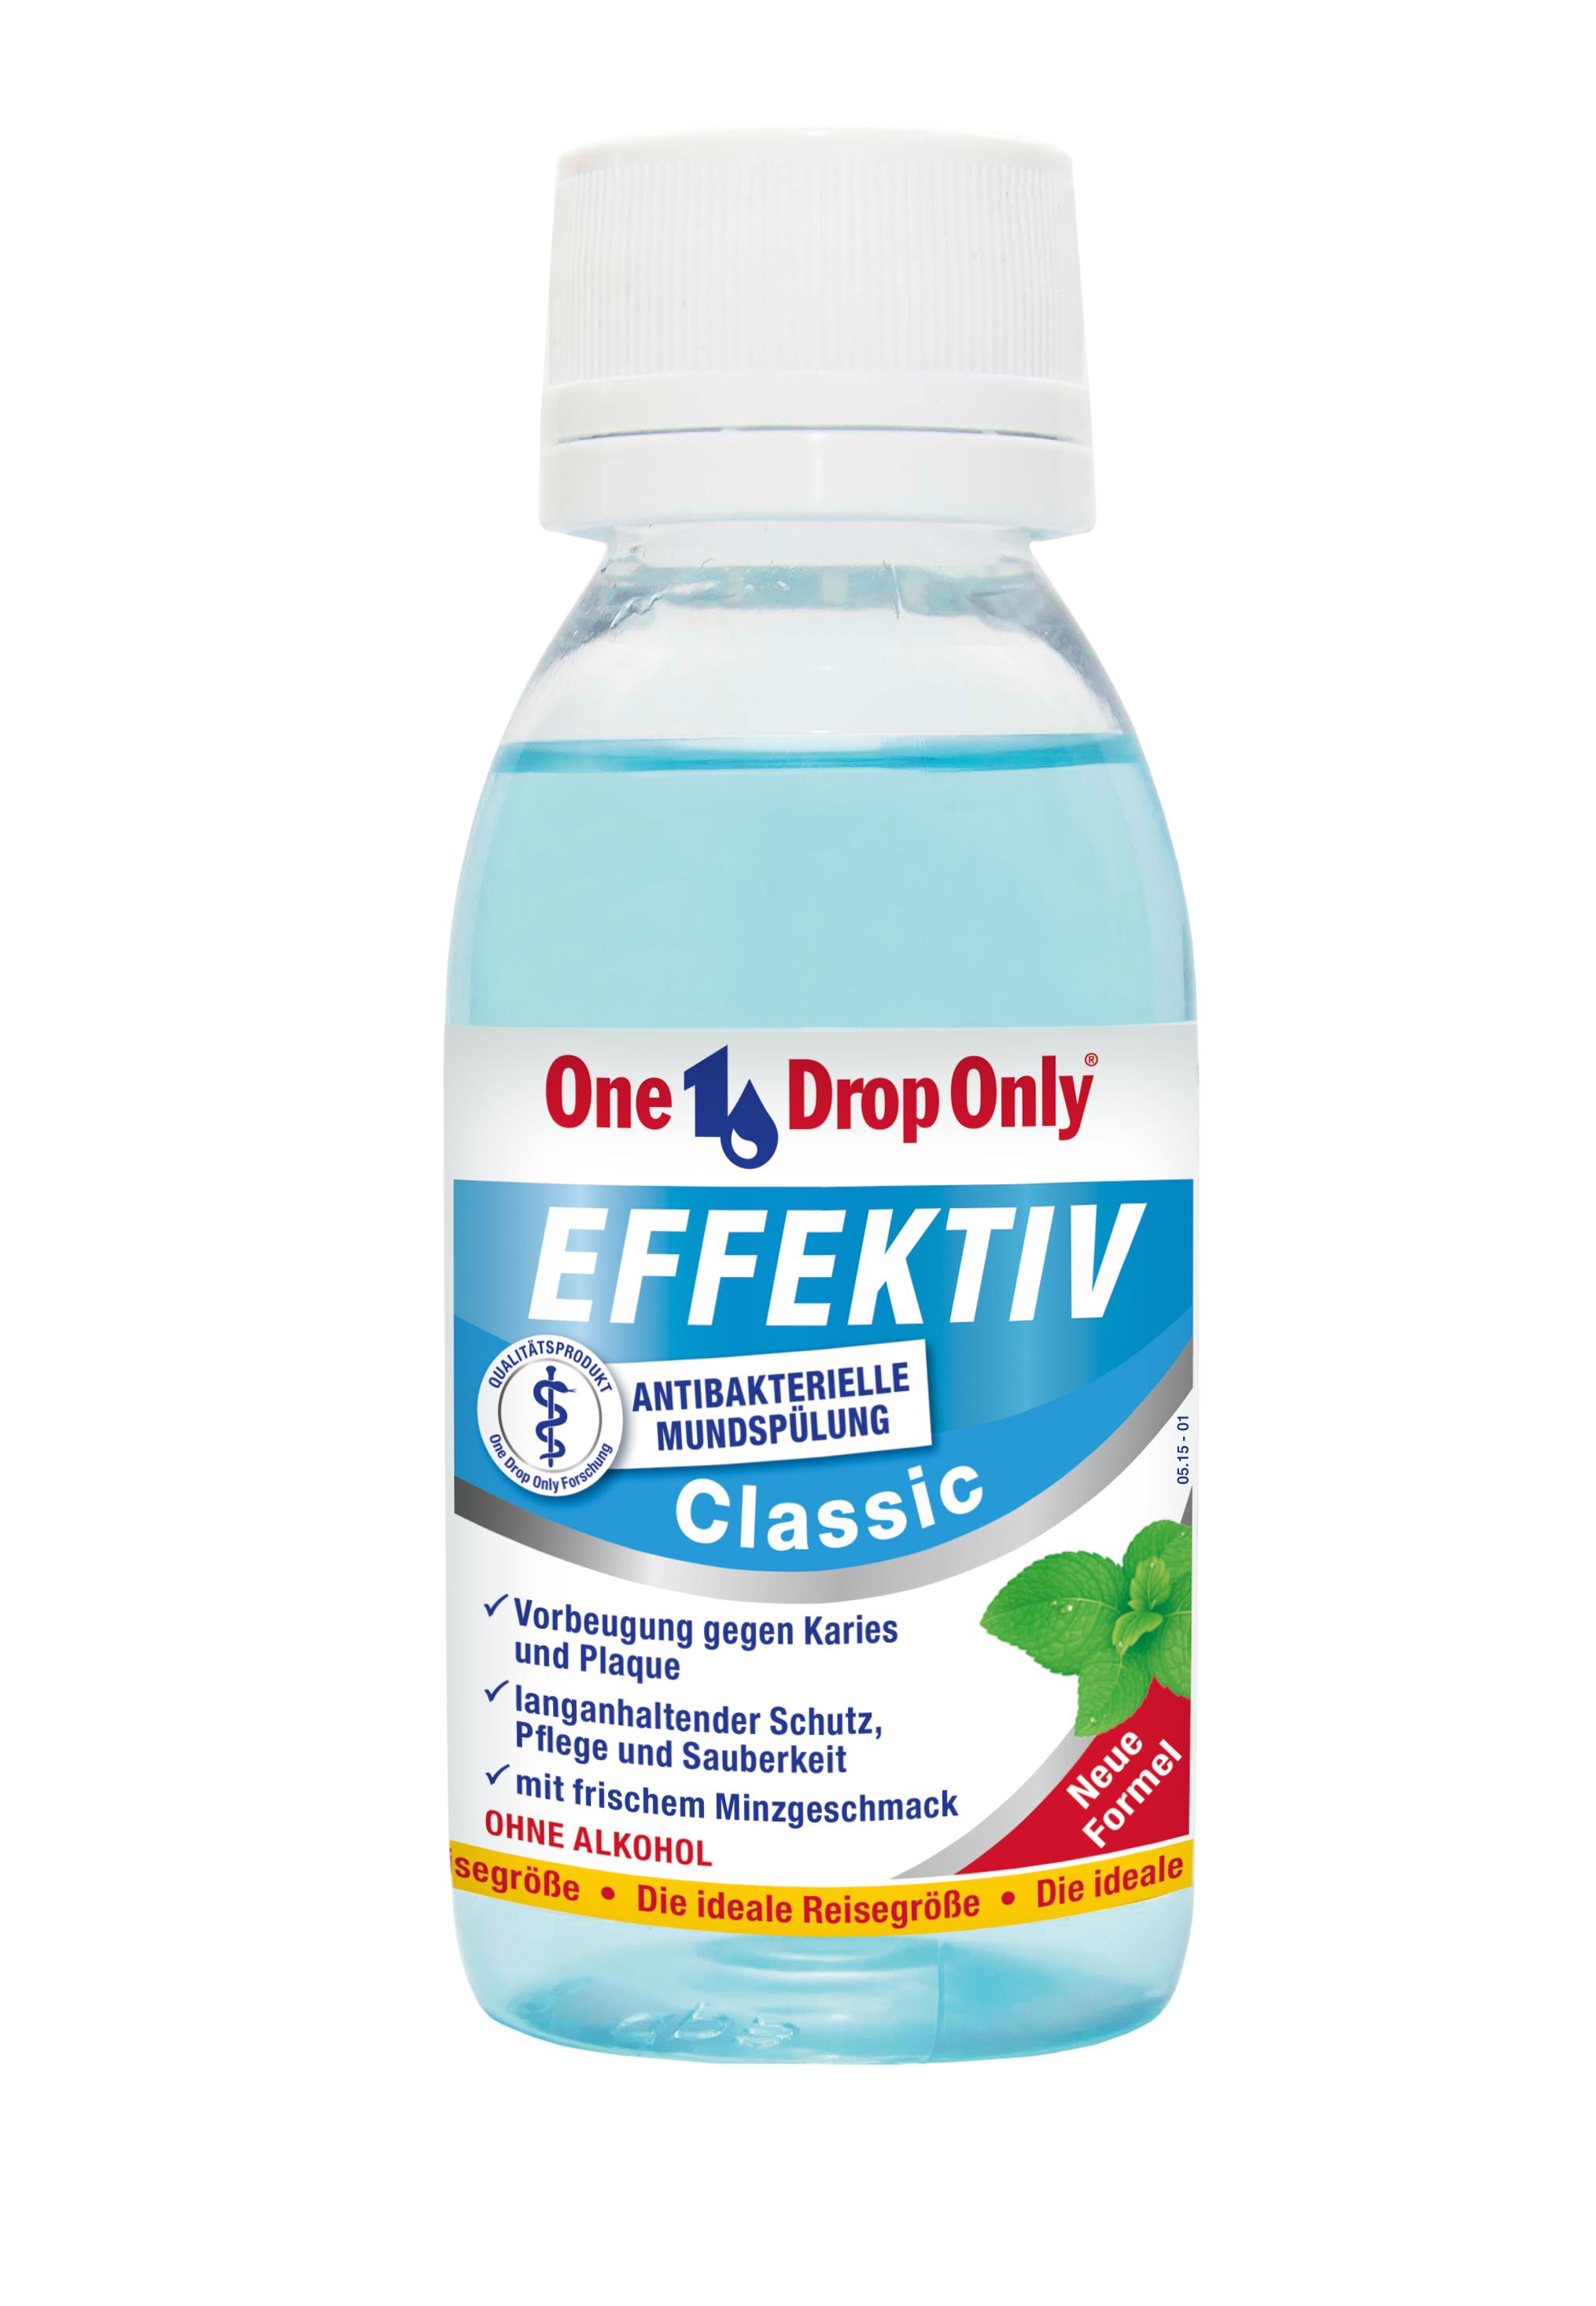 One Drop Only Effektiv Classic Антибактериальный ополаскиватель полости рта, 100 мл81603345Классический антибактериальный ополаскиватель полости рта